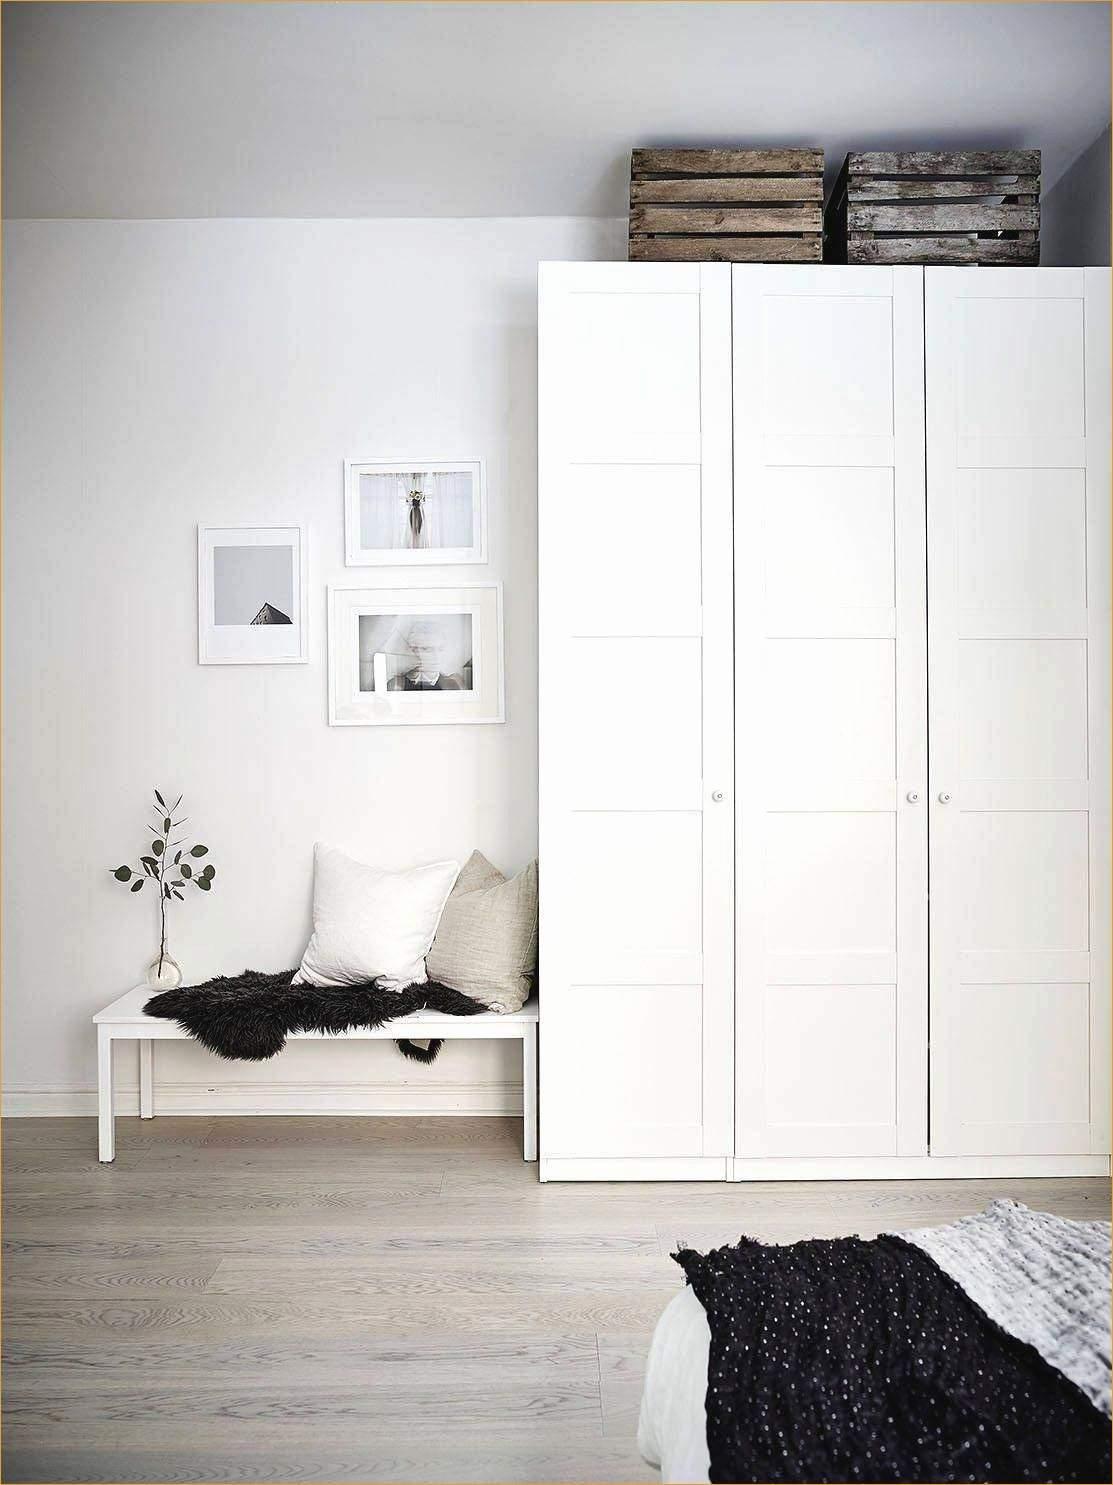 Full Size of Ikea Besta Schlafzimmer Ideen Klein Hemnes Deko Malm Einrichtungsideen Kallax Pinterest Kleine Schrnke Wohnzimmer Frisch Schn Eckschrank Stuhl Deckenleuchten Wohnzimmer Ikea Schlafzimmer Ideen